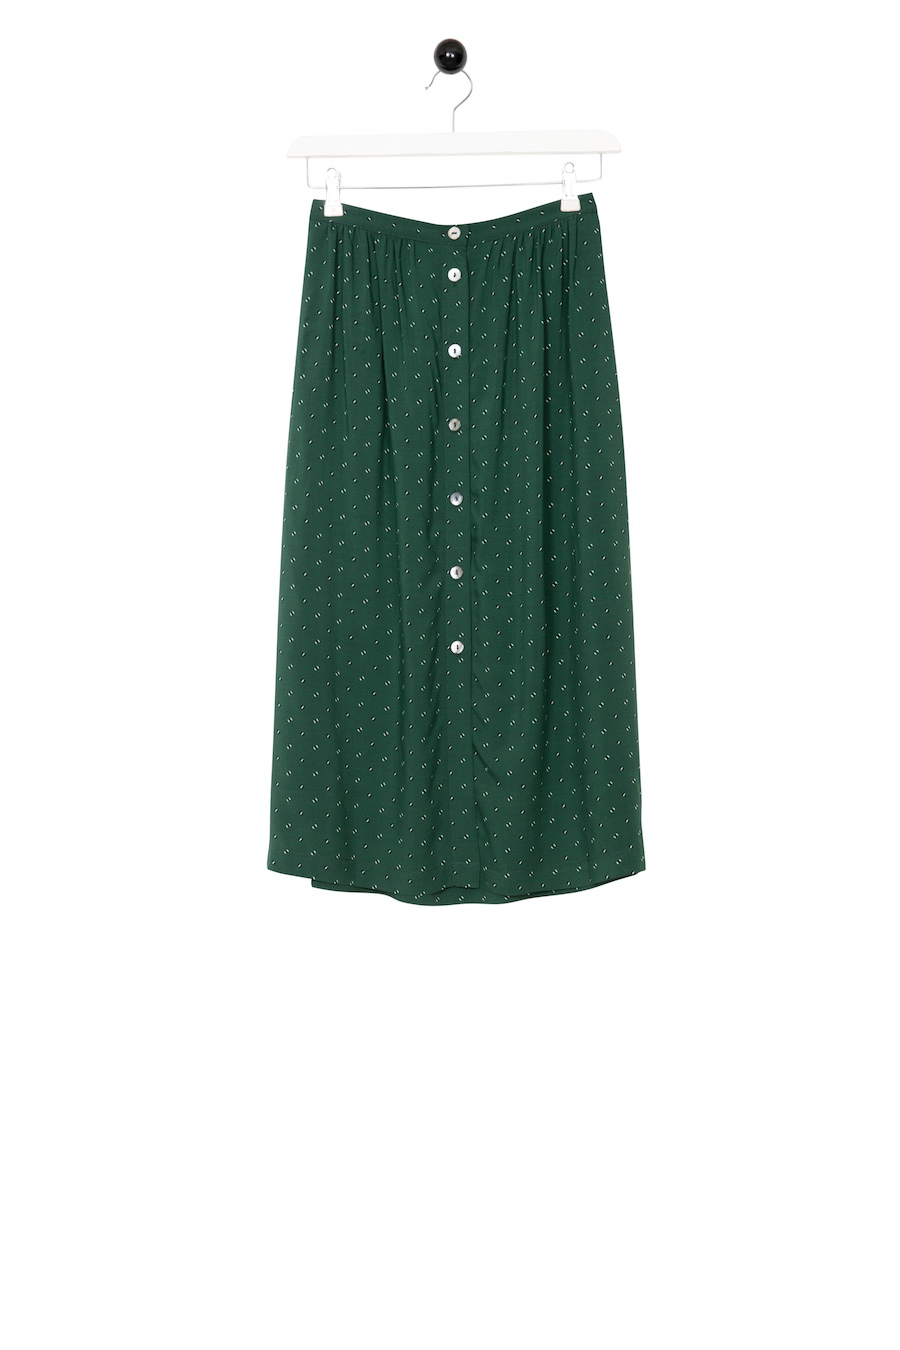 Mangold Skirt